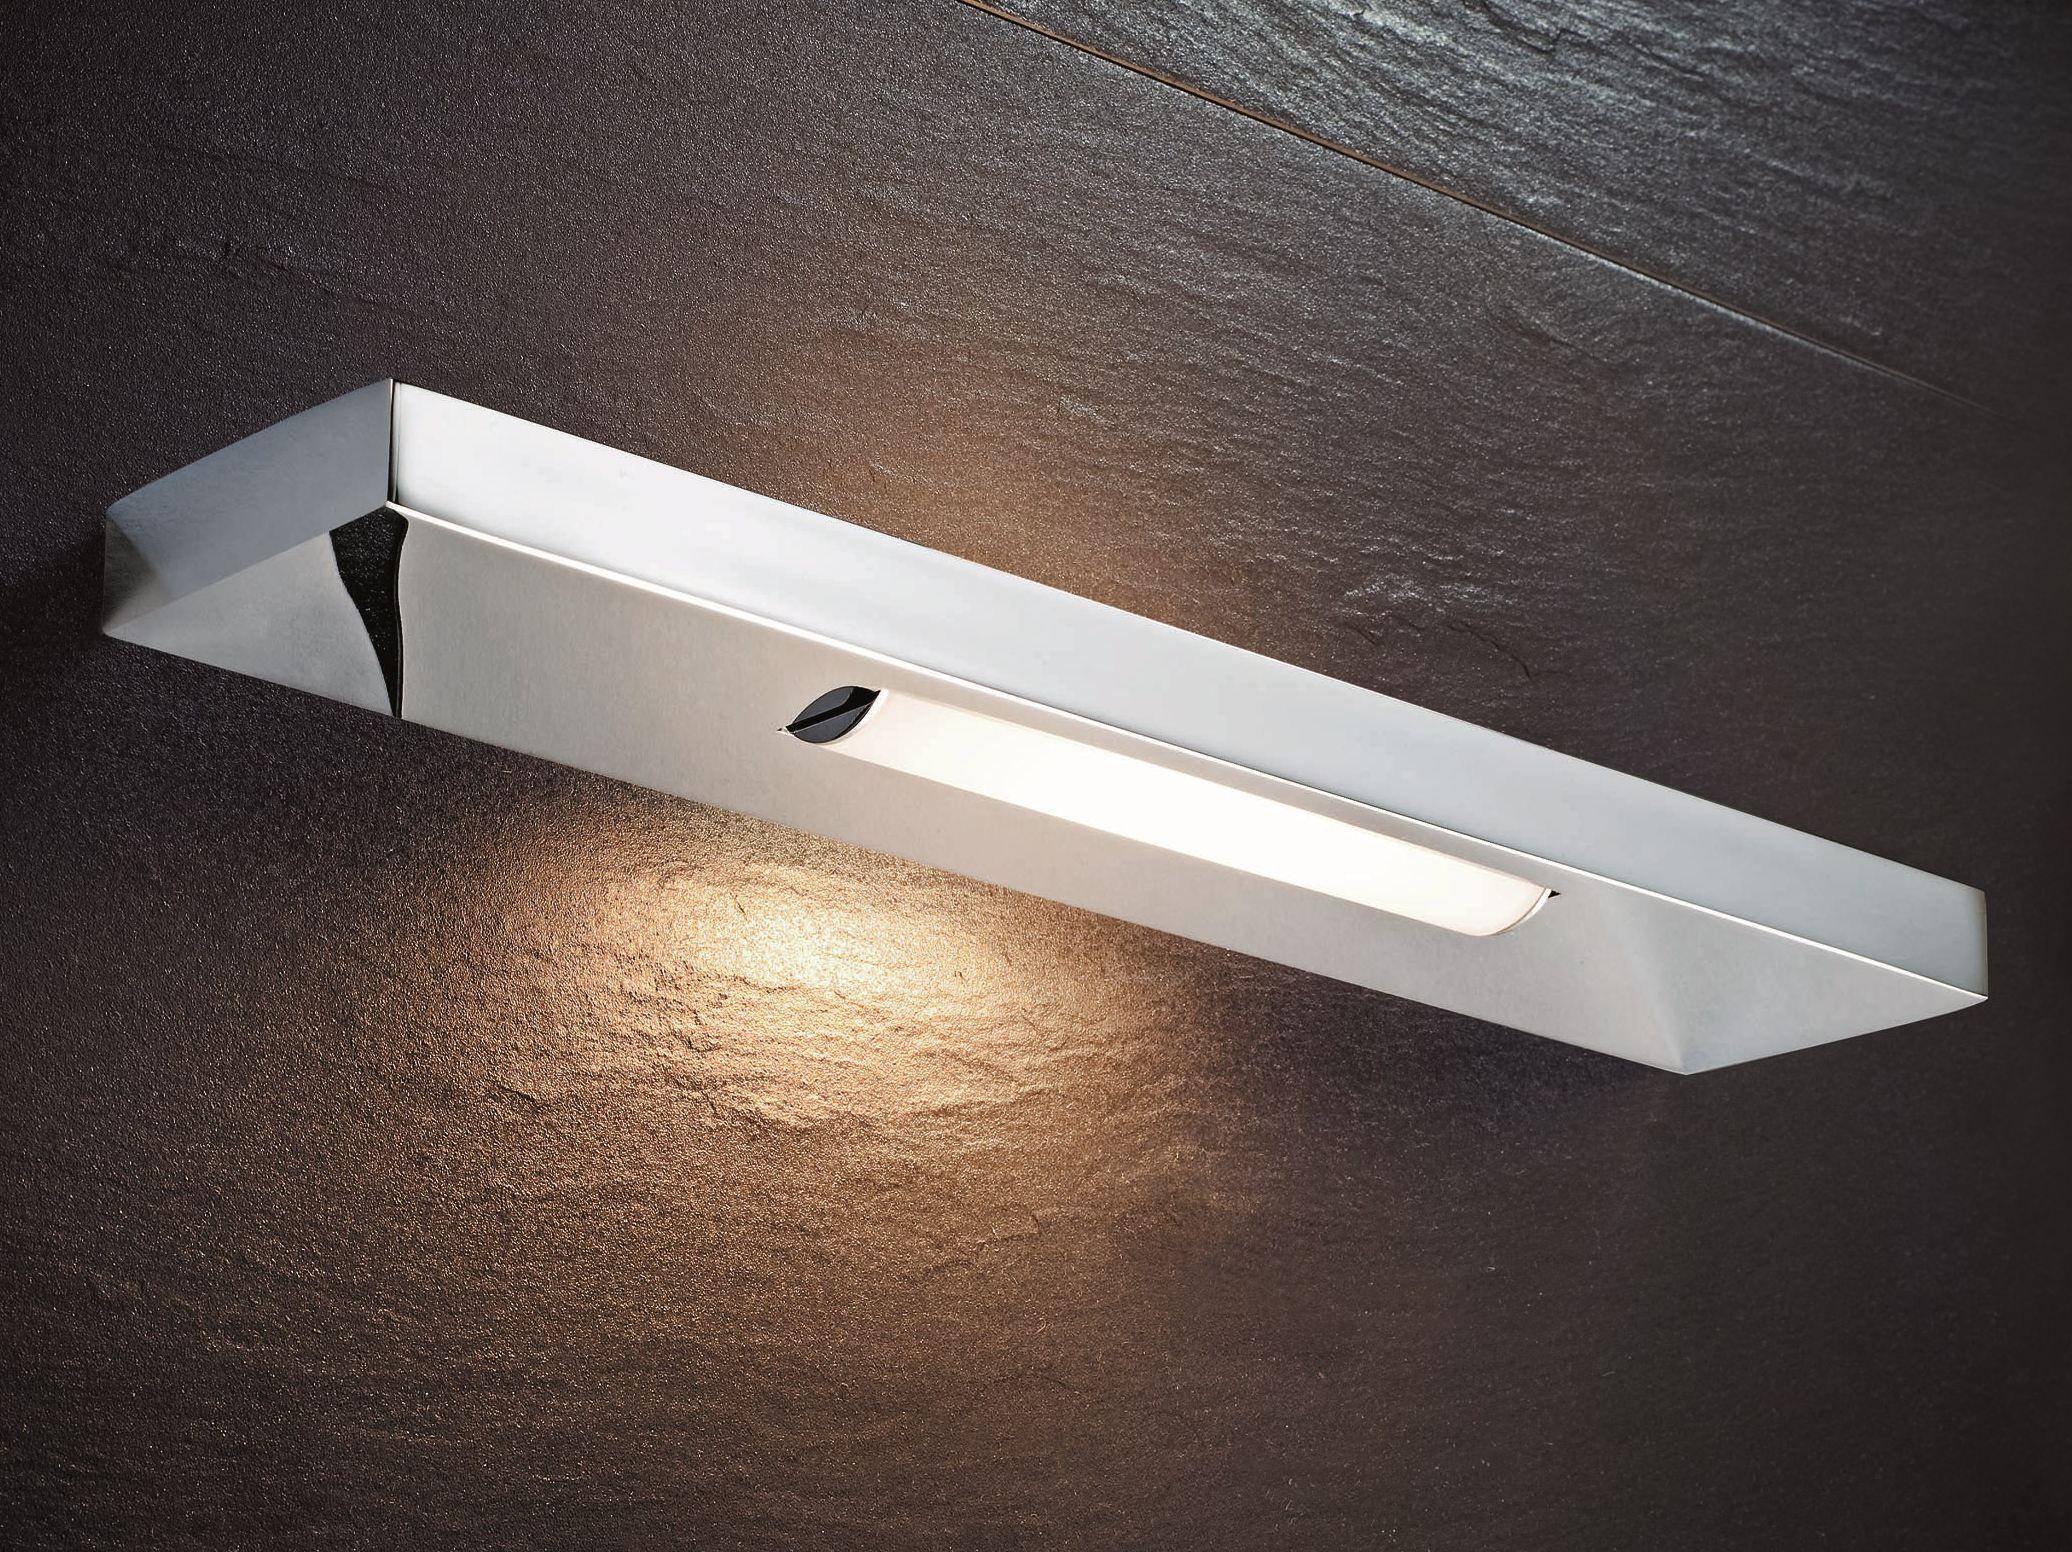 Lamparas Para Cuarto Baño:Lámpara de pared con luz directa para cuartos de baños SLIM by DECOR